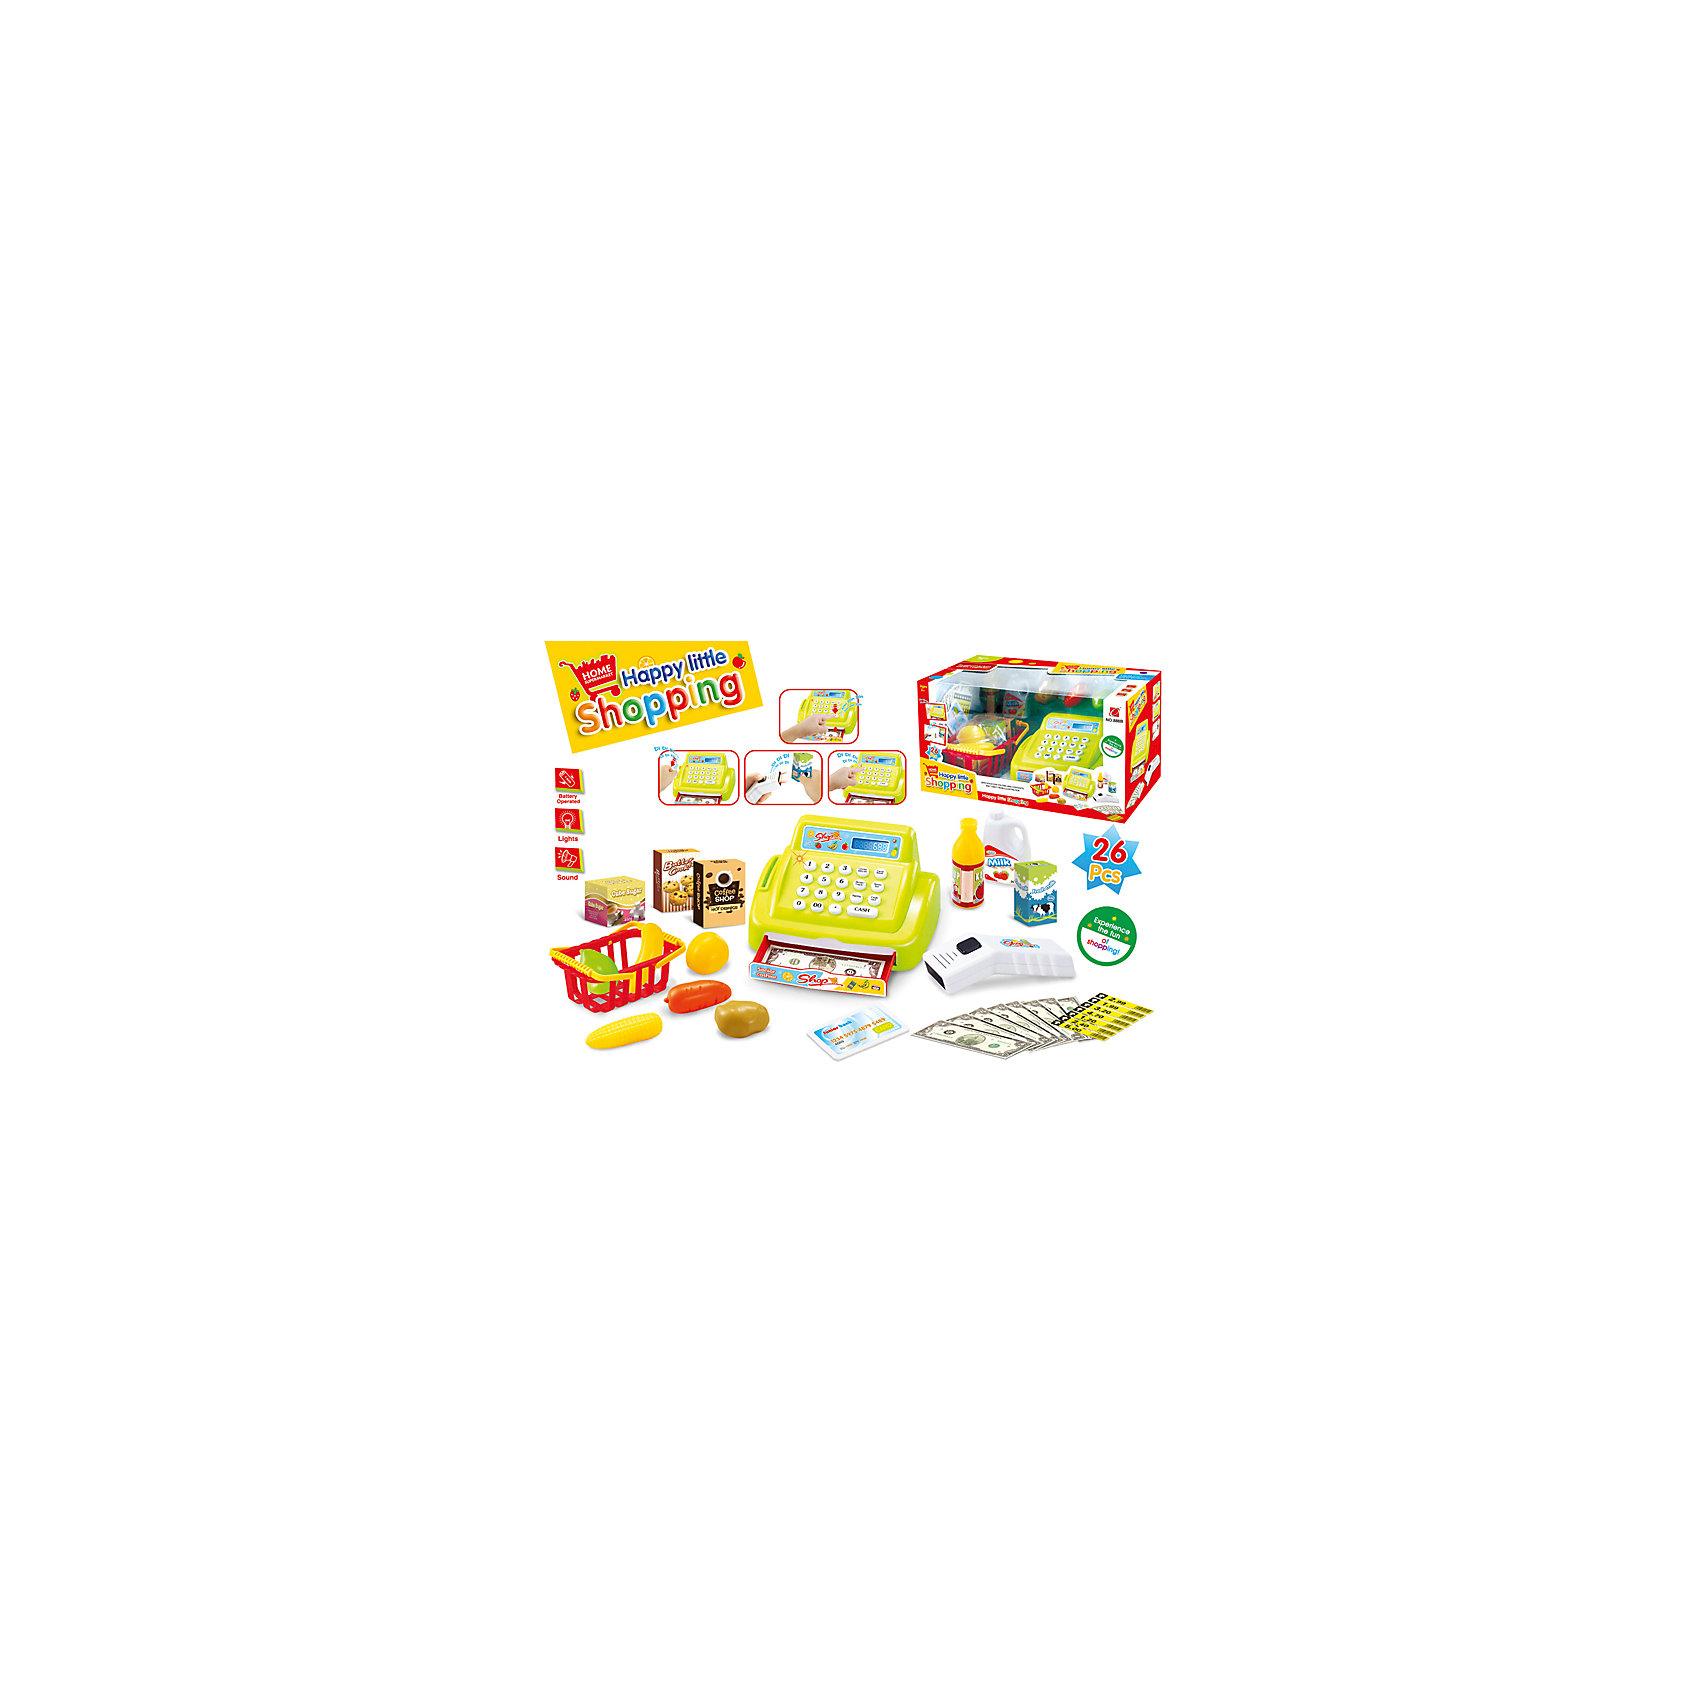 Касса Shantou Gepai со сканером, светом и звукомДетский супермаркет<br>Характеристики:<br><br>• световые и звуковые эффекты;<br>• в комплекте: касса, сканер, деньги, карточки, товары, корзина;<br>• материал: пластик;<br>• возраст: от 3-х лет;<br>• батарейки: АА - 2 шт. (не входят в комплект);<br>• размер упаковки: 17х16,5х30,5 см;<br>• вес: 592 грамма;<br>• страна: Китай.<br><br>Касса со сканером отлично дополнит магазин юного кассира. В набор входят продукты, кассовый аппарат со сканером, игрушечные деньги, карточки и корзина.<br><br>Игрушка оснащена световыми и звуковыми эффектами. При нажатии на кнопку сканер подсвечивается и издает реалистичные звуки. При оплате картой аппарат пищит. <br><br>Касса оснащена ящиком для денег, который открывается при нажатии на кнопку. <br><br>Для работы необходимы две батарейки АА (не входят в комплект).<br><br>Кассу со сканером, со светом и звуком, Shantou Gepai (Шанту Гепай) можно купить в нашем интернет-магазине.<br><br>Ширина мм: 305<br>Глубина мм: 165<br>Высота мм: 170<br>Вес г: 592<br>Возраст от месяцев: 36<br>Возраст до месяцев: 2147483647<br>Пол: Унисекс<br>Возраст: Детский<br>SKU: 6846890